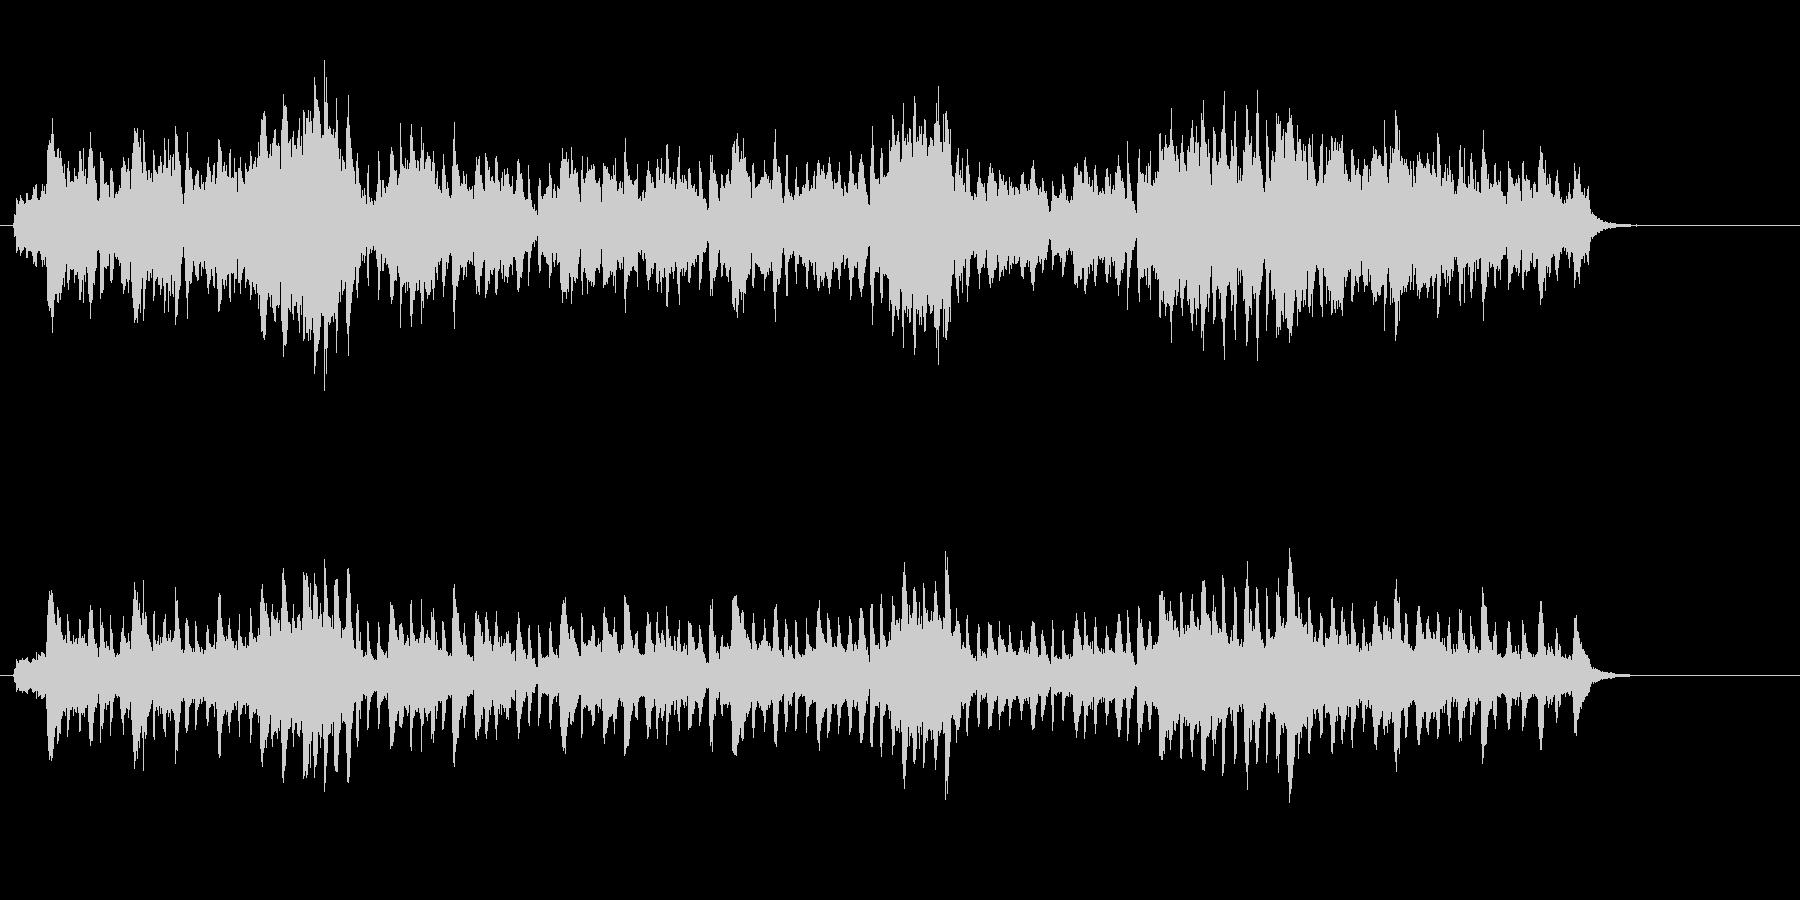 奇妙な音色と流麗なフレーズのクラシックの未再生の波形